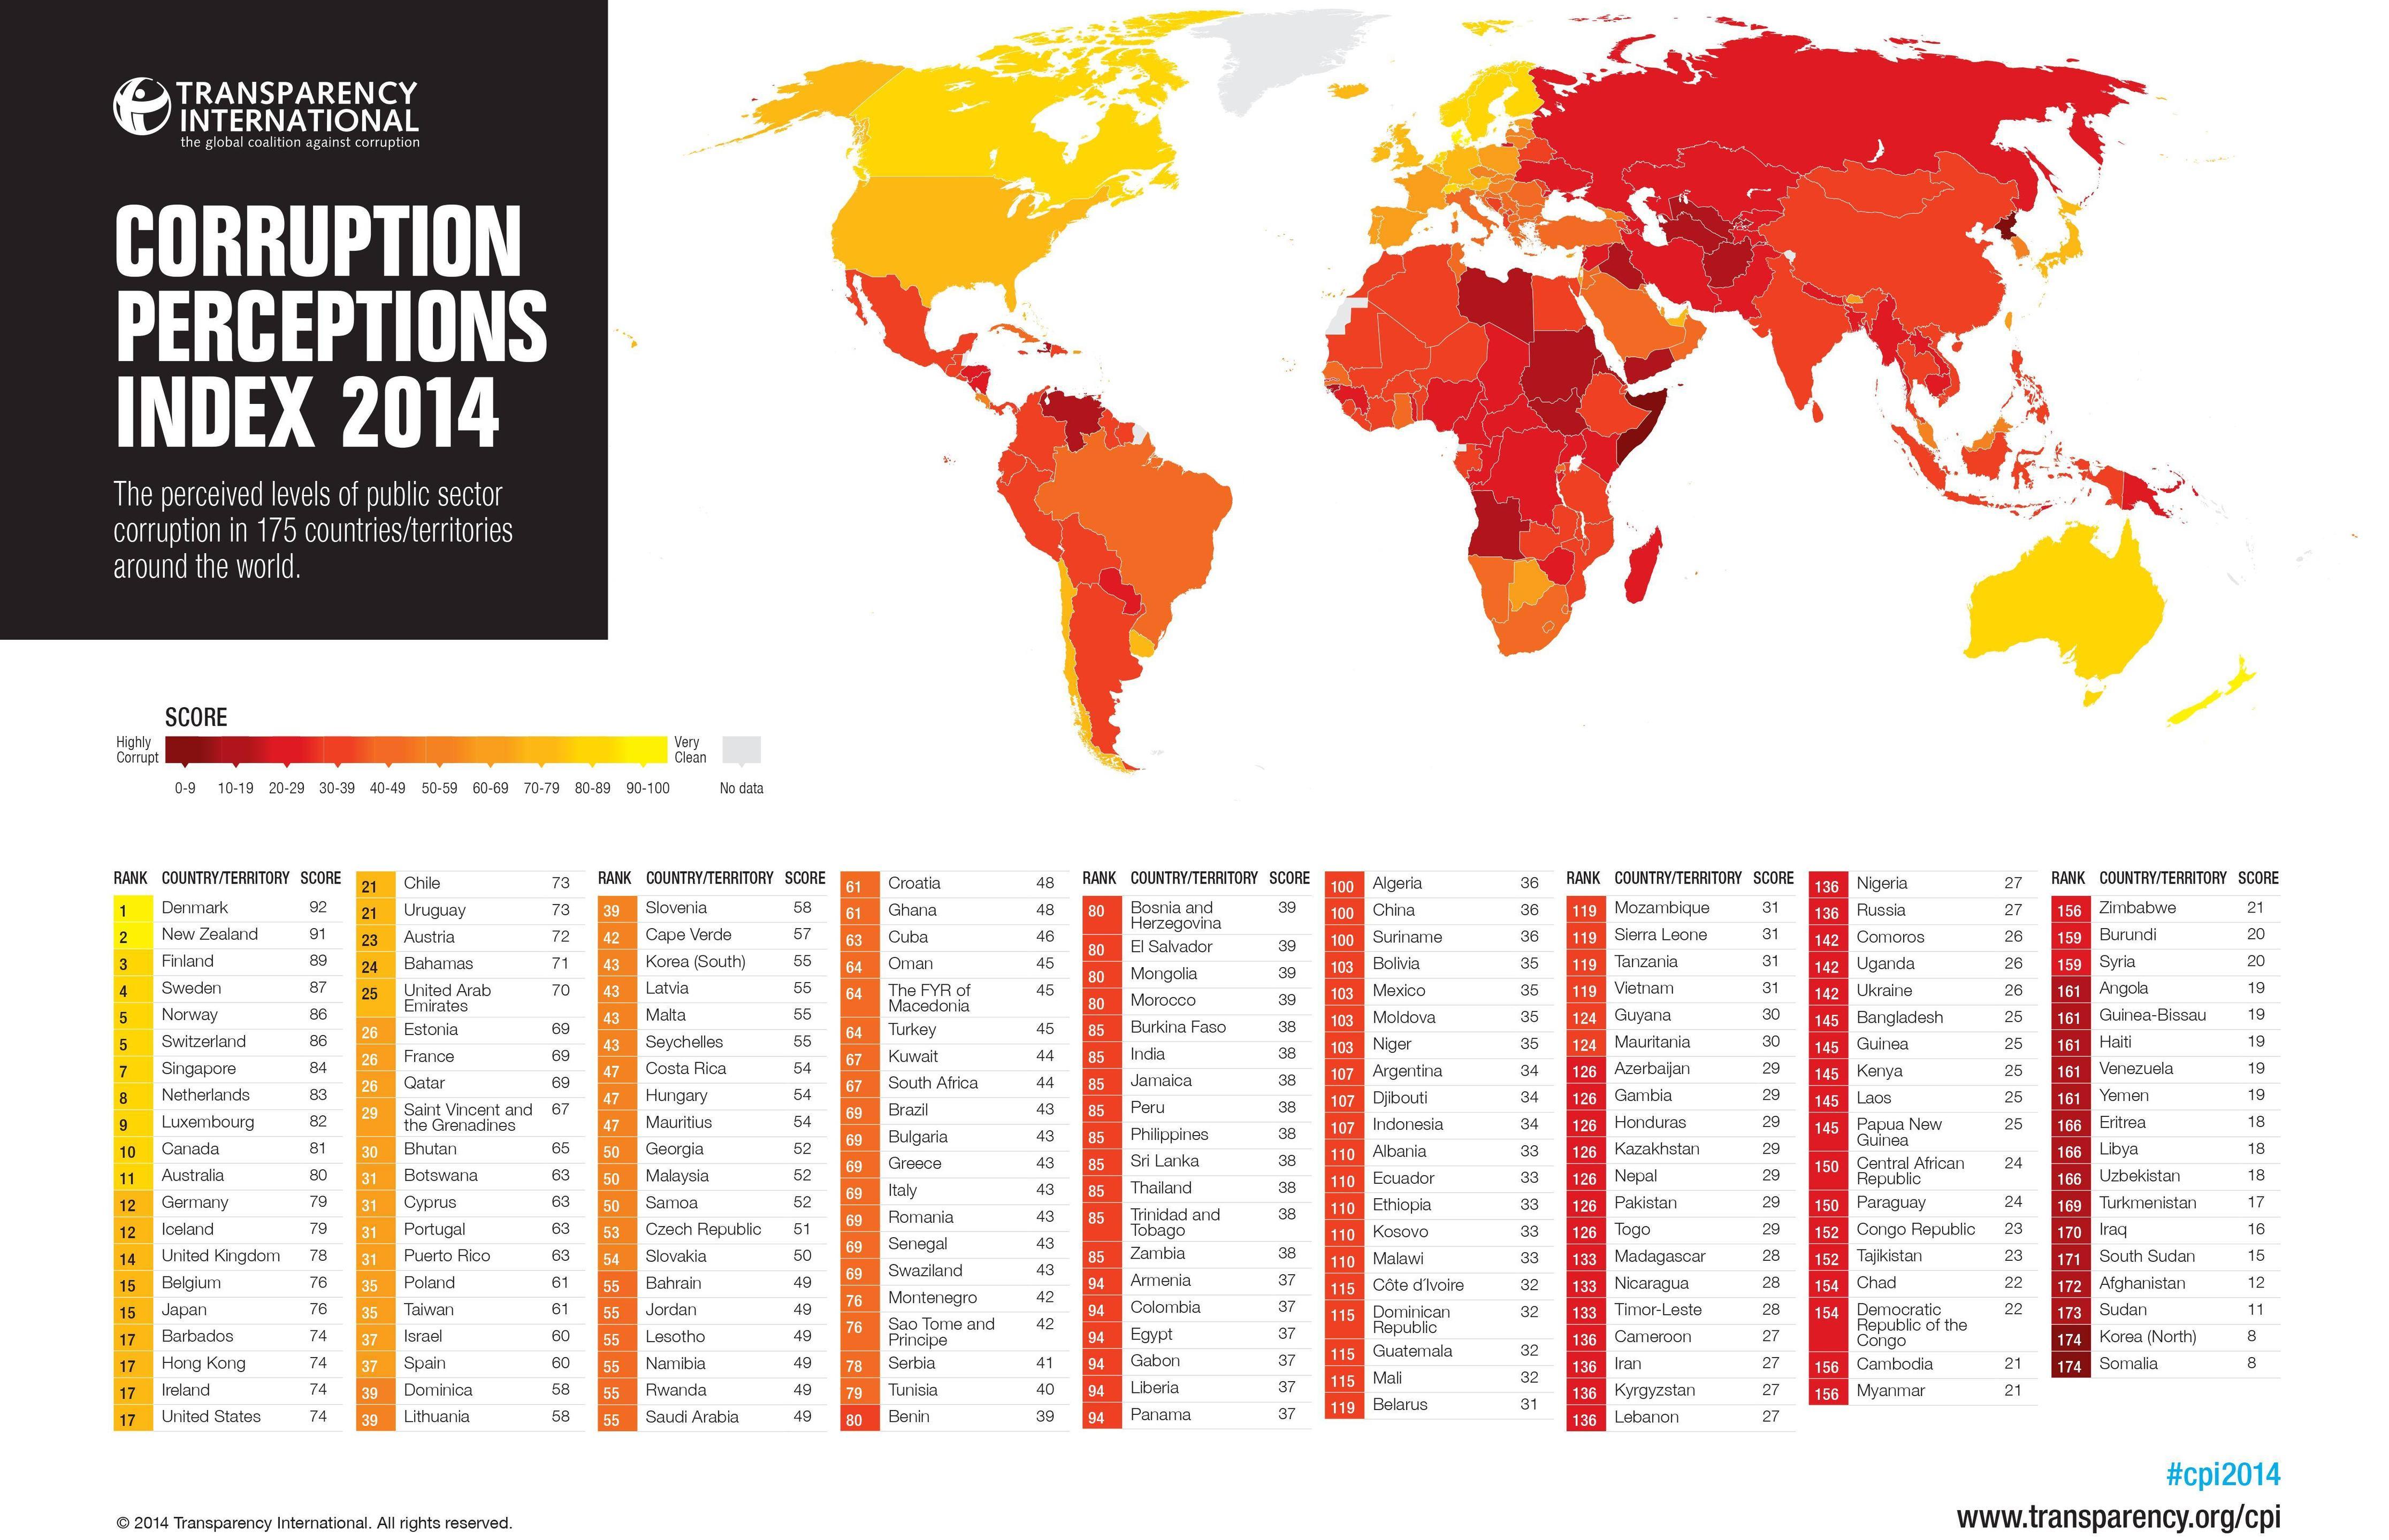 2014全球清廉印象指数排行榜-中国 清廉指数 如何被评低 数据无任何图片